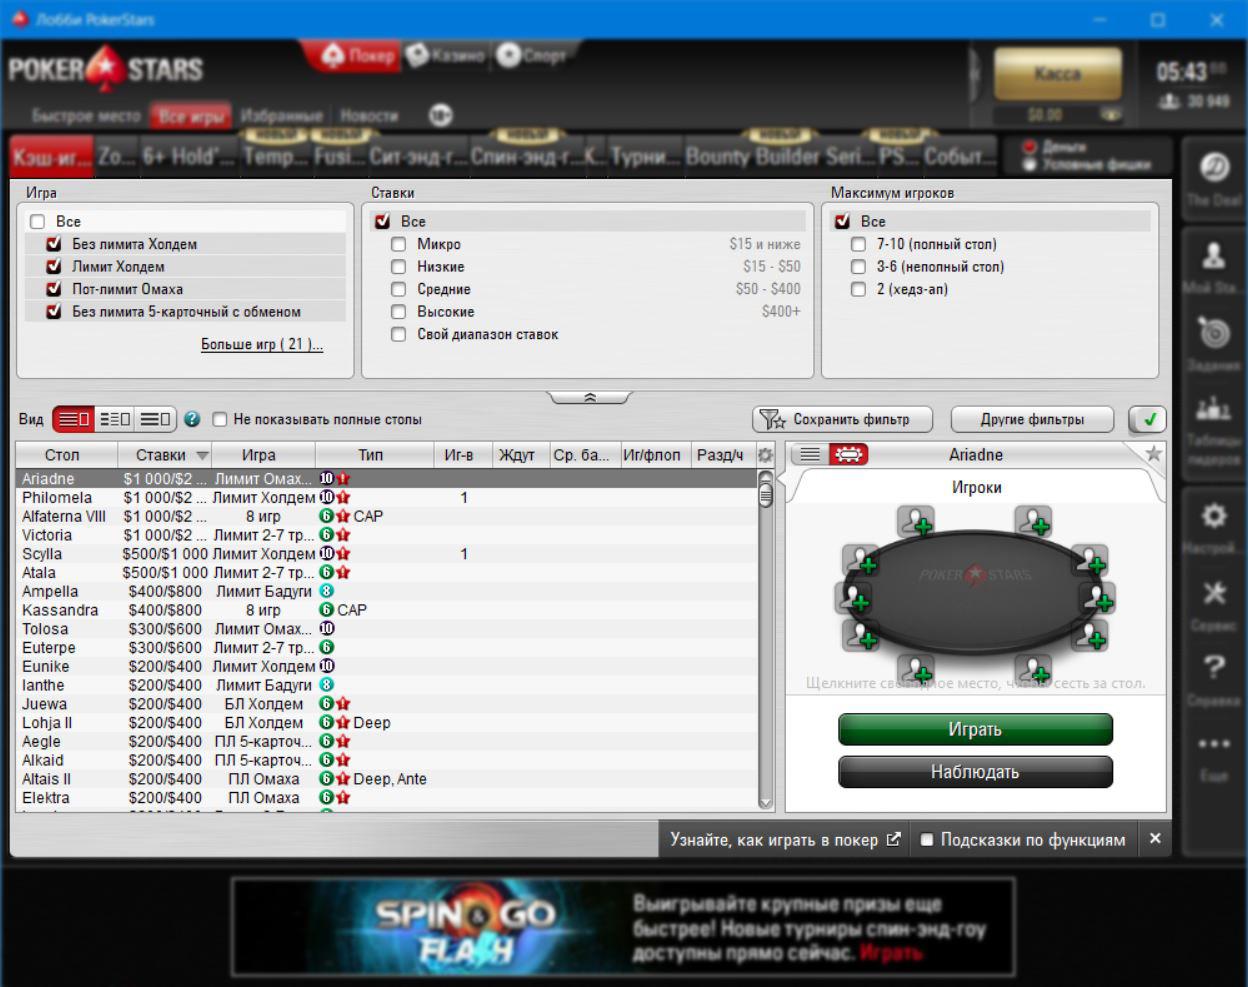 Система фильтров в клиенте PokerStars.